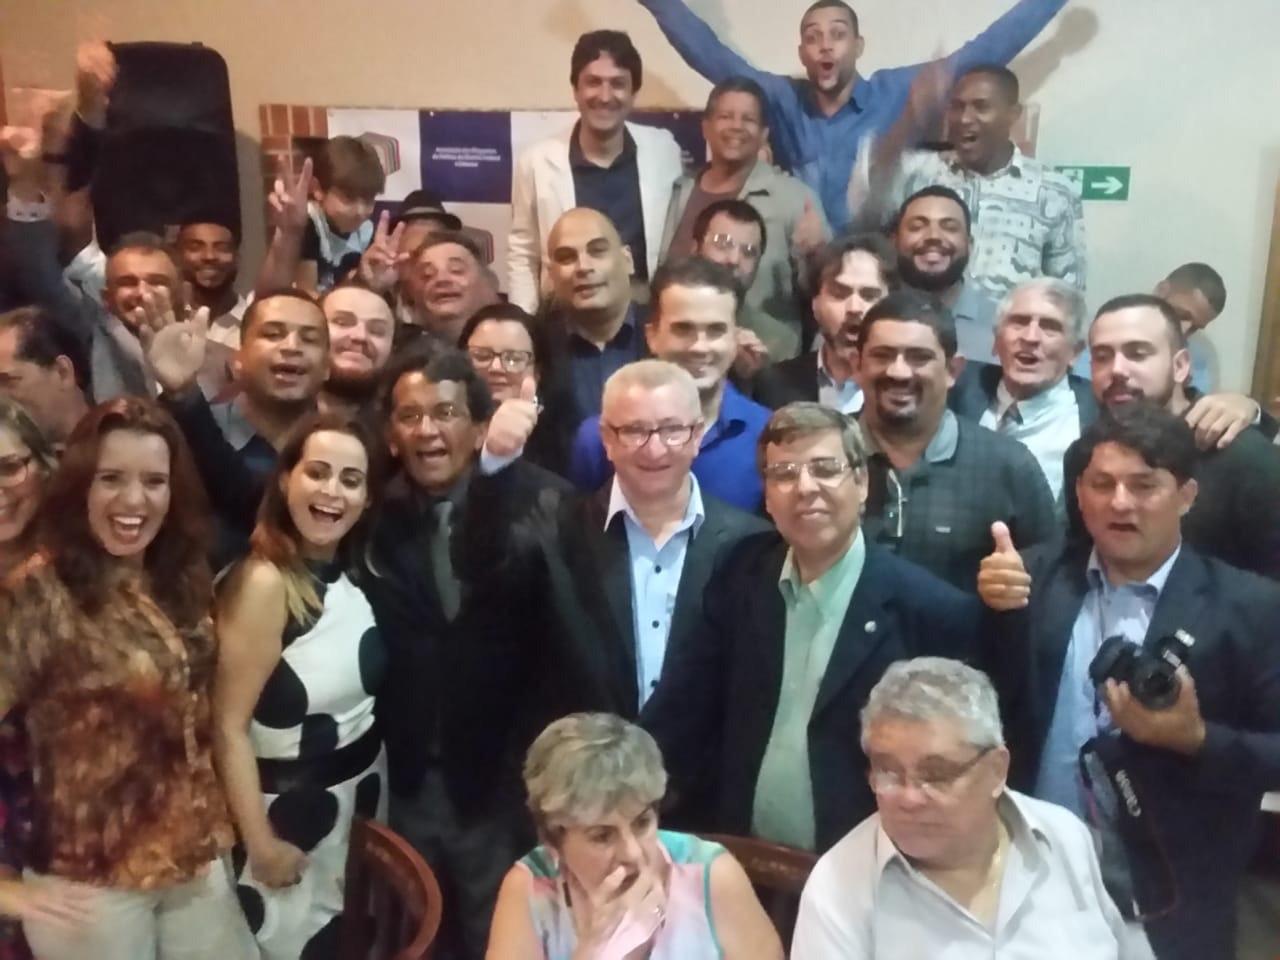 ABBP celebra 4 anos de sua fundação e consolidação no cenário político local